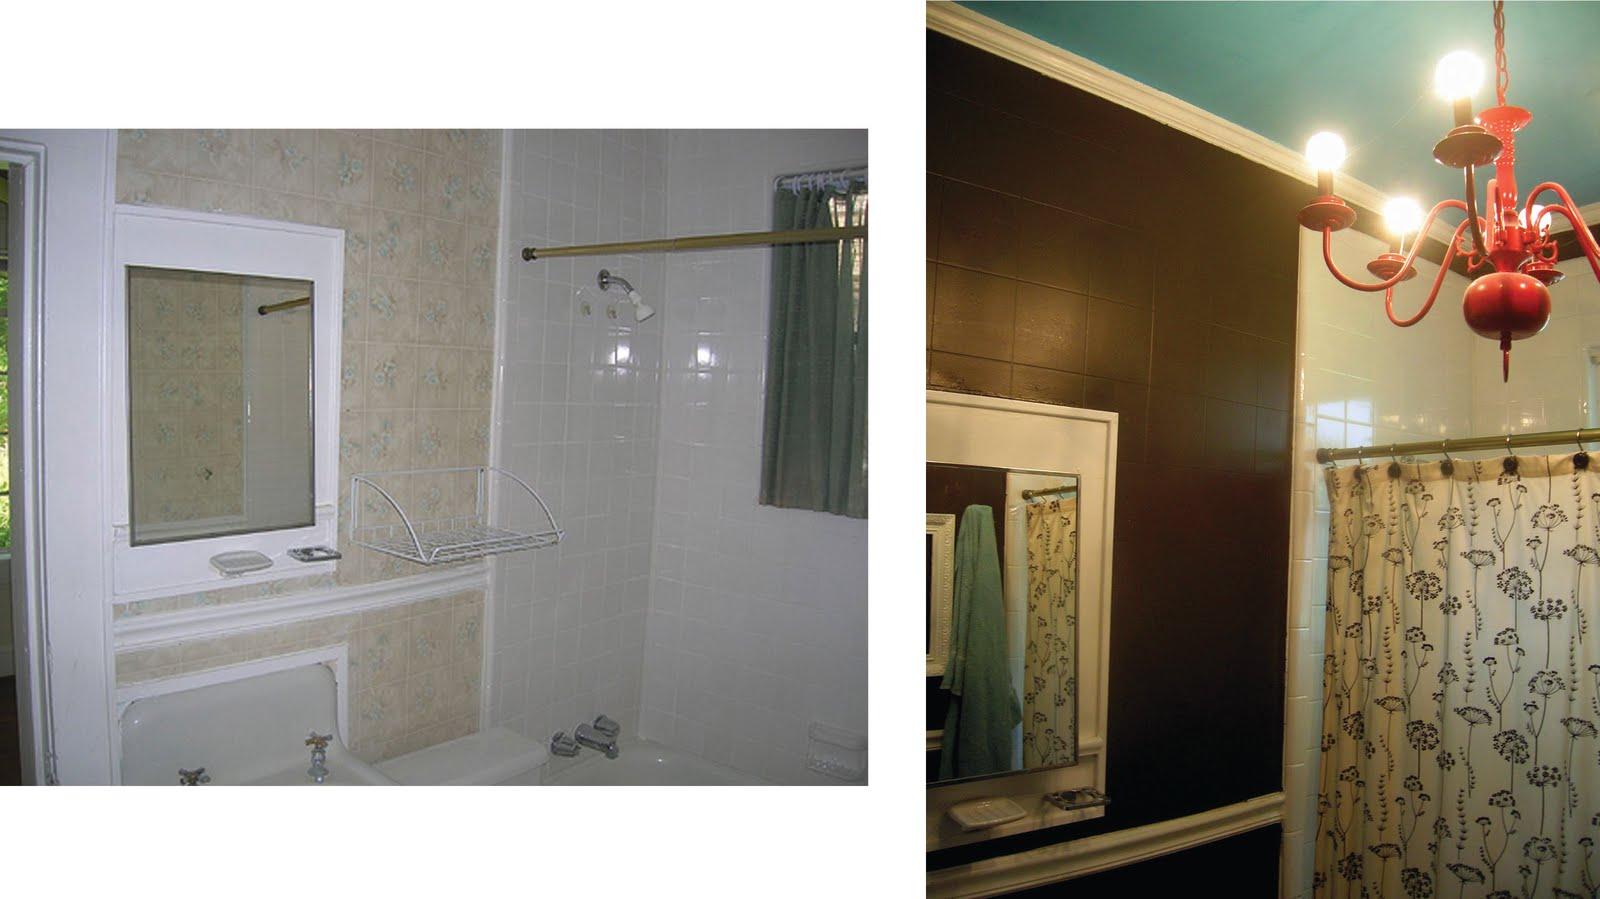 Melissa Does Creative: The New Bathroom: Jailhouse Rock Style